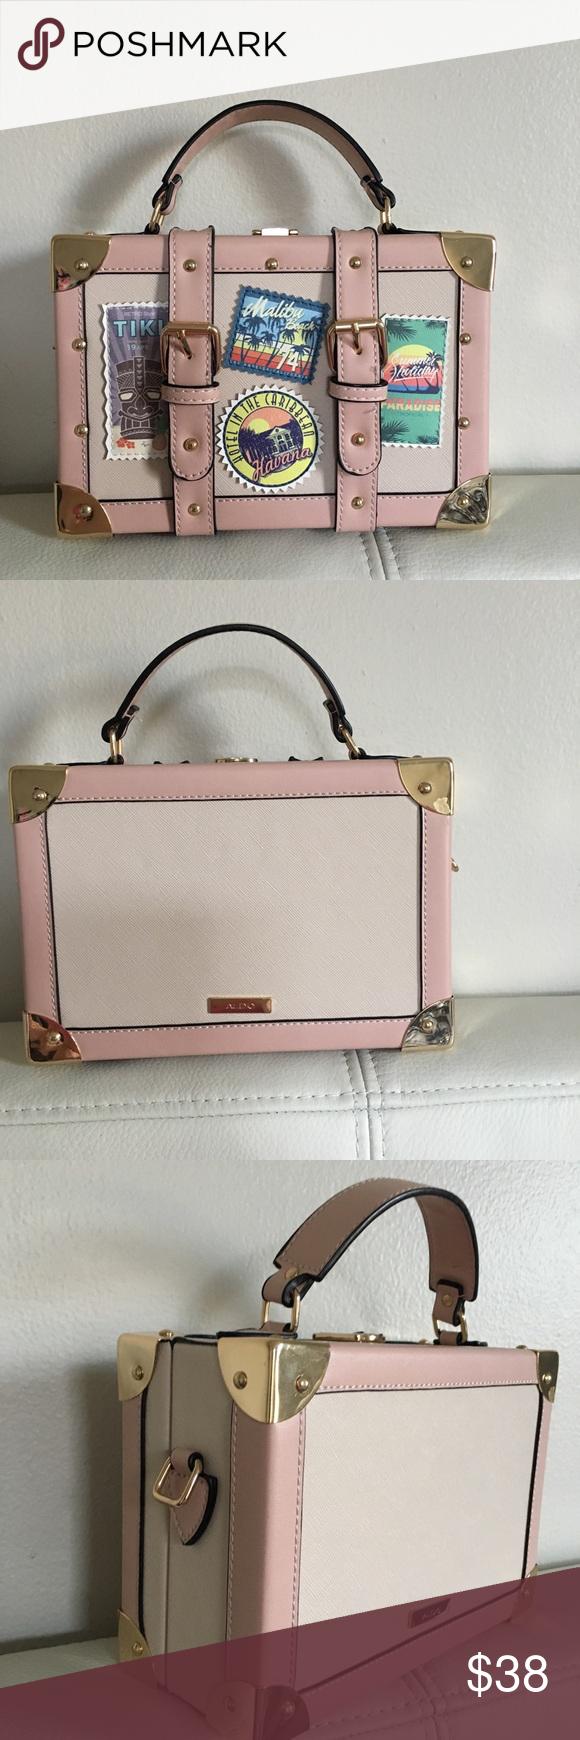 ea75054555a ALDO Calini mini box bag Styled to look like a mini suitcase. Super cute!  NWT. Aldo Bags Crossbody Bags